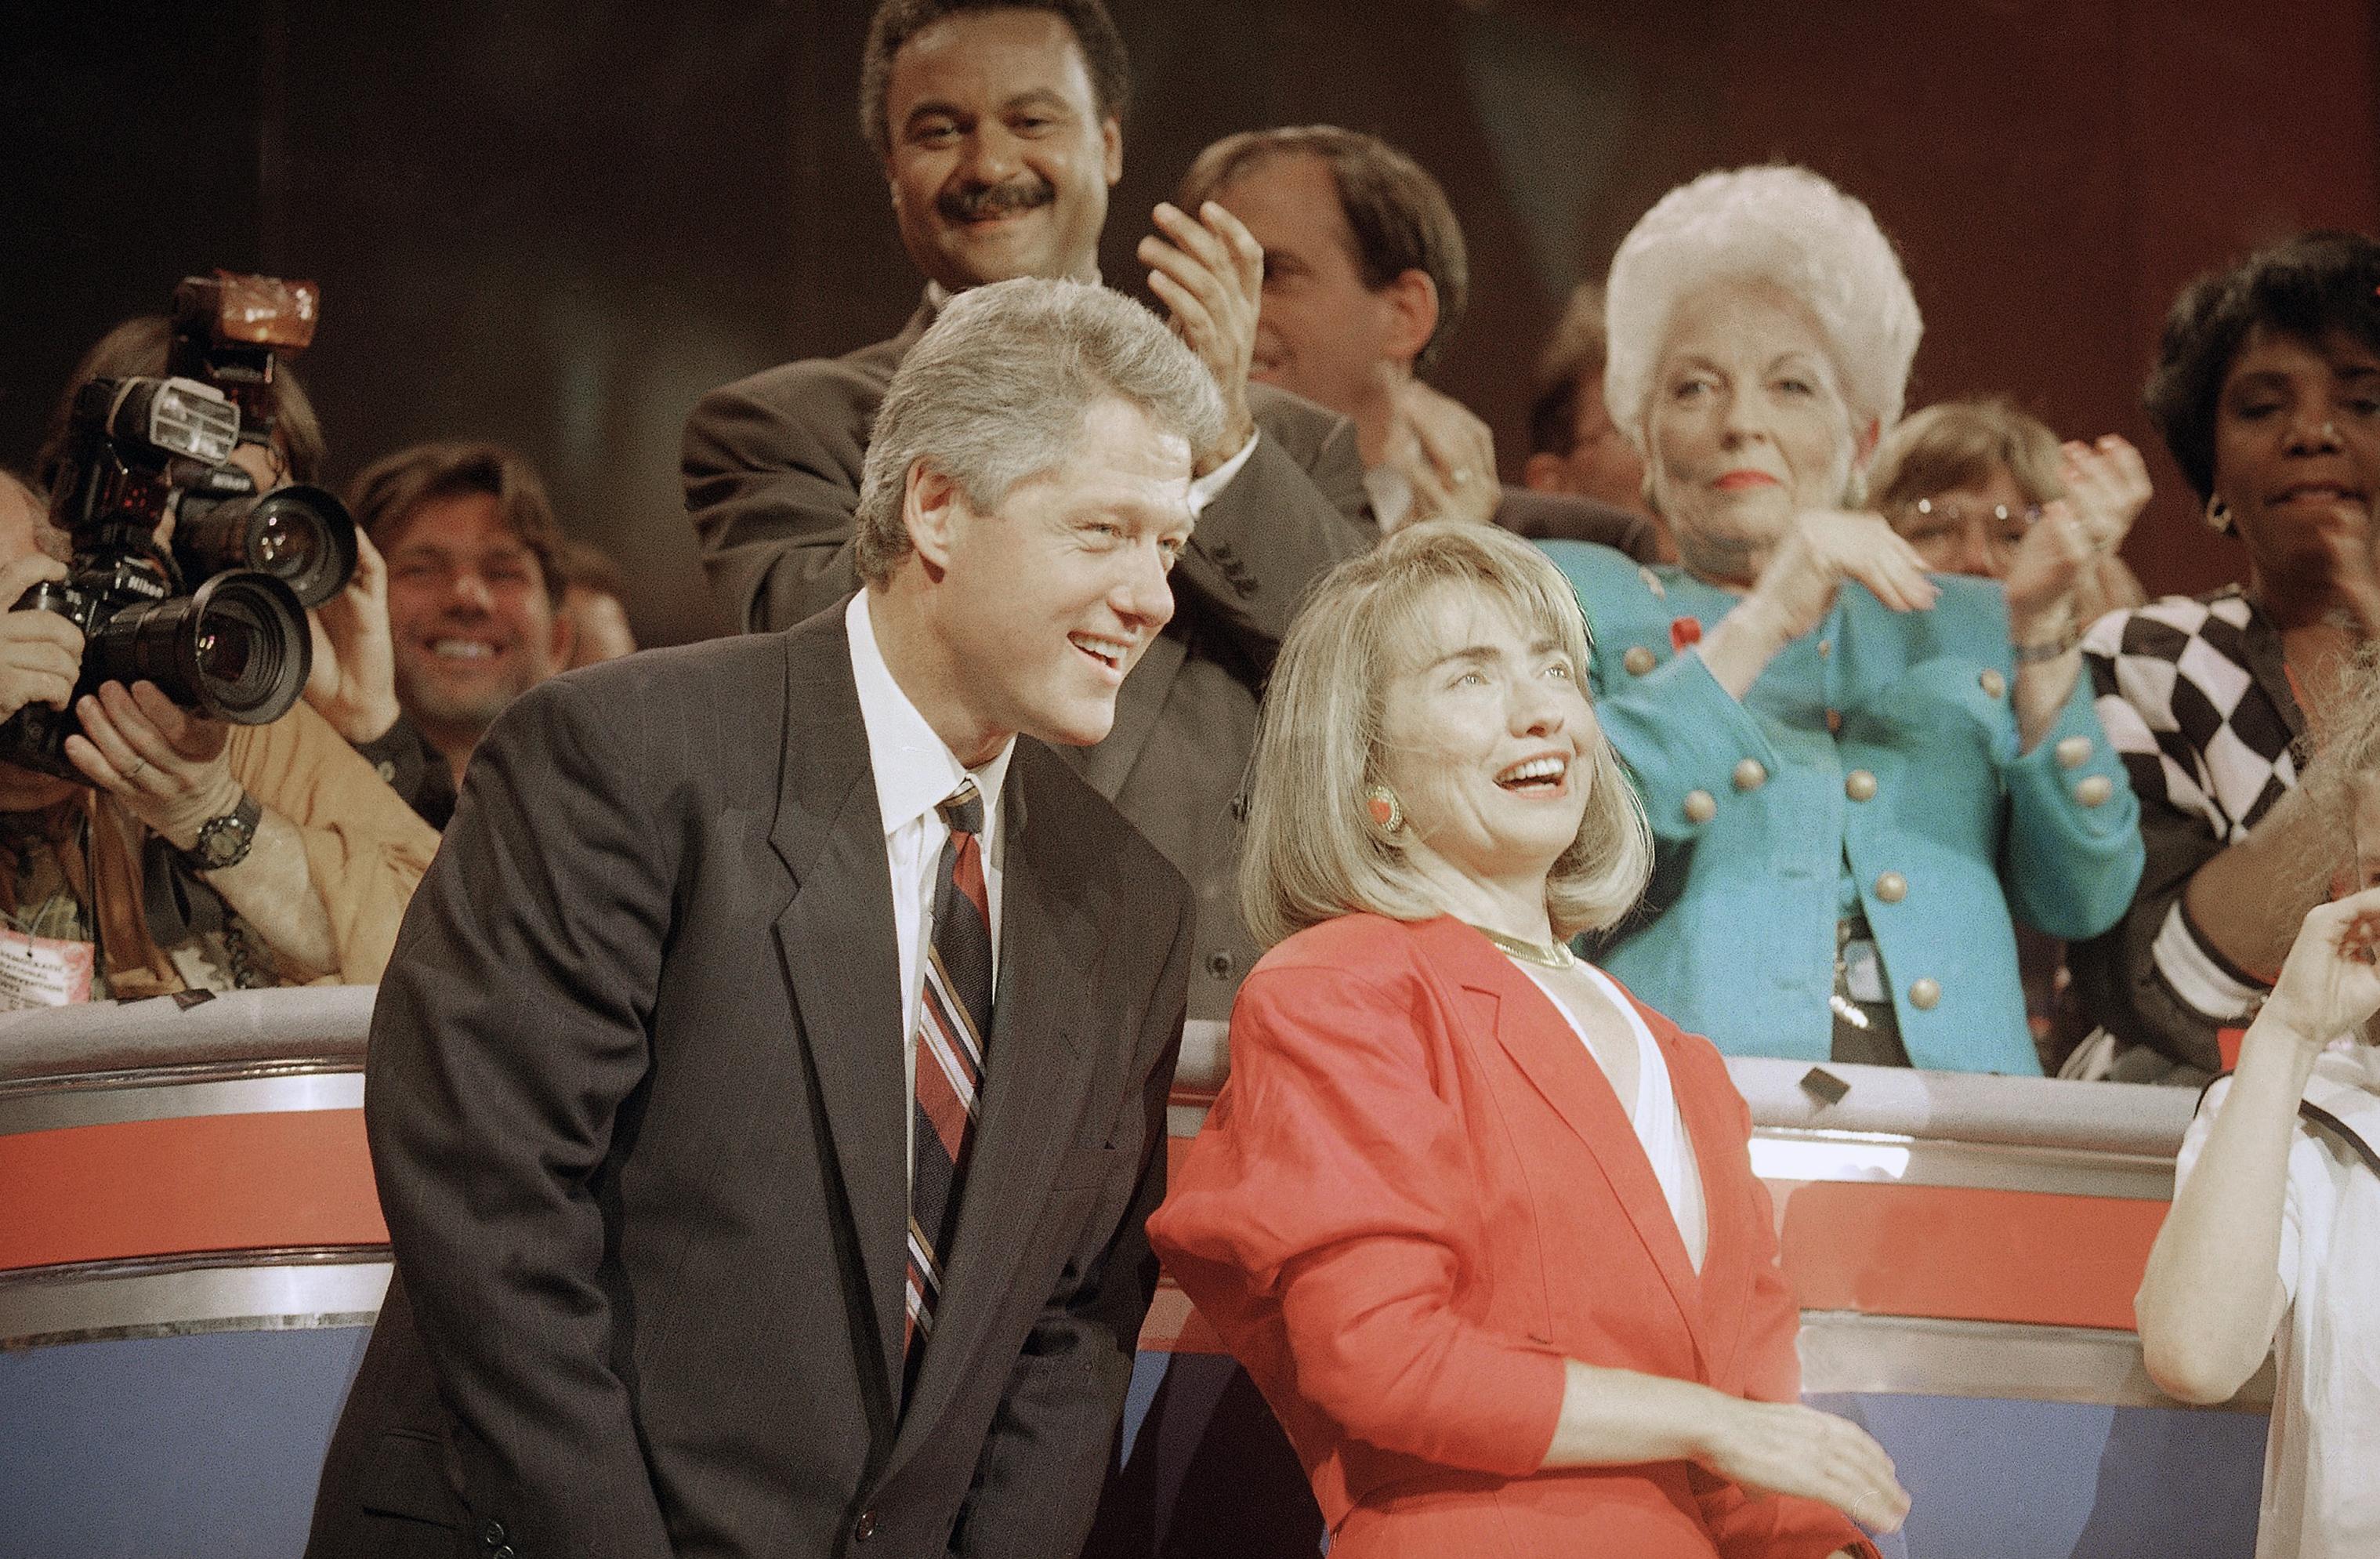 1992 democratic convention fleetwood mac